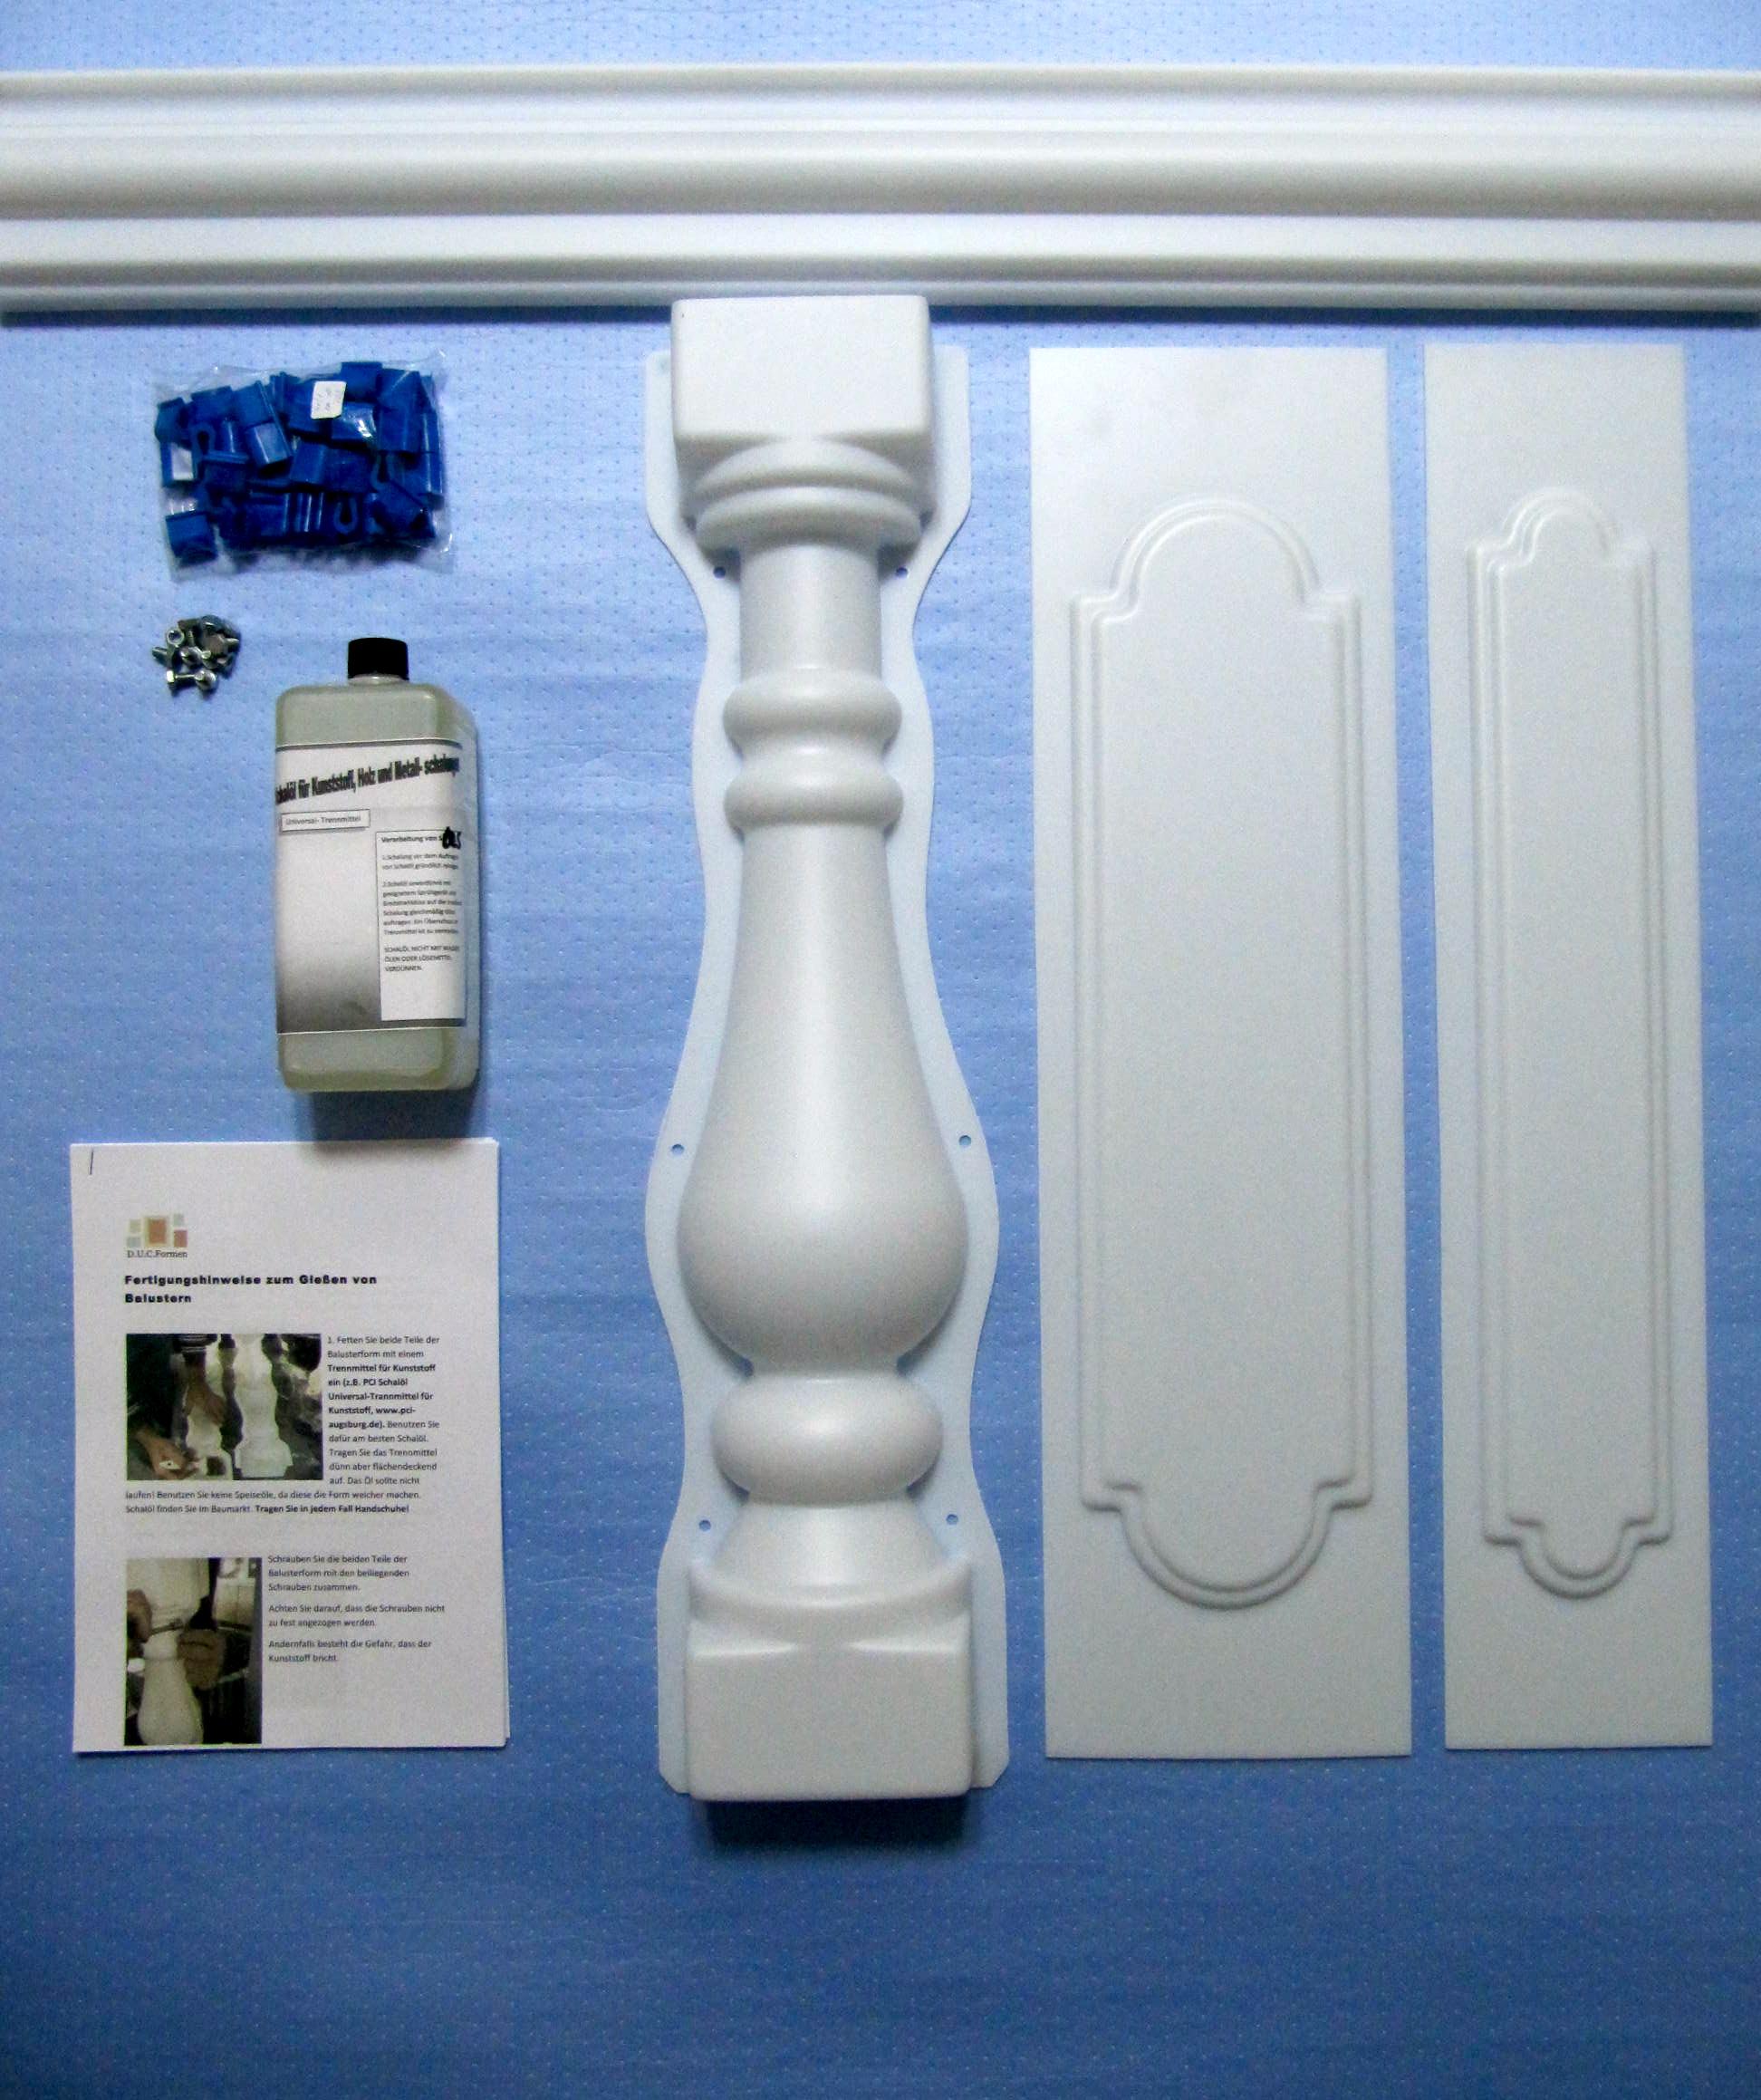 Balustradenkugelngießformenplastikformenbetonformenbetonsäule